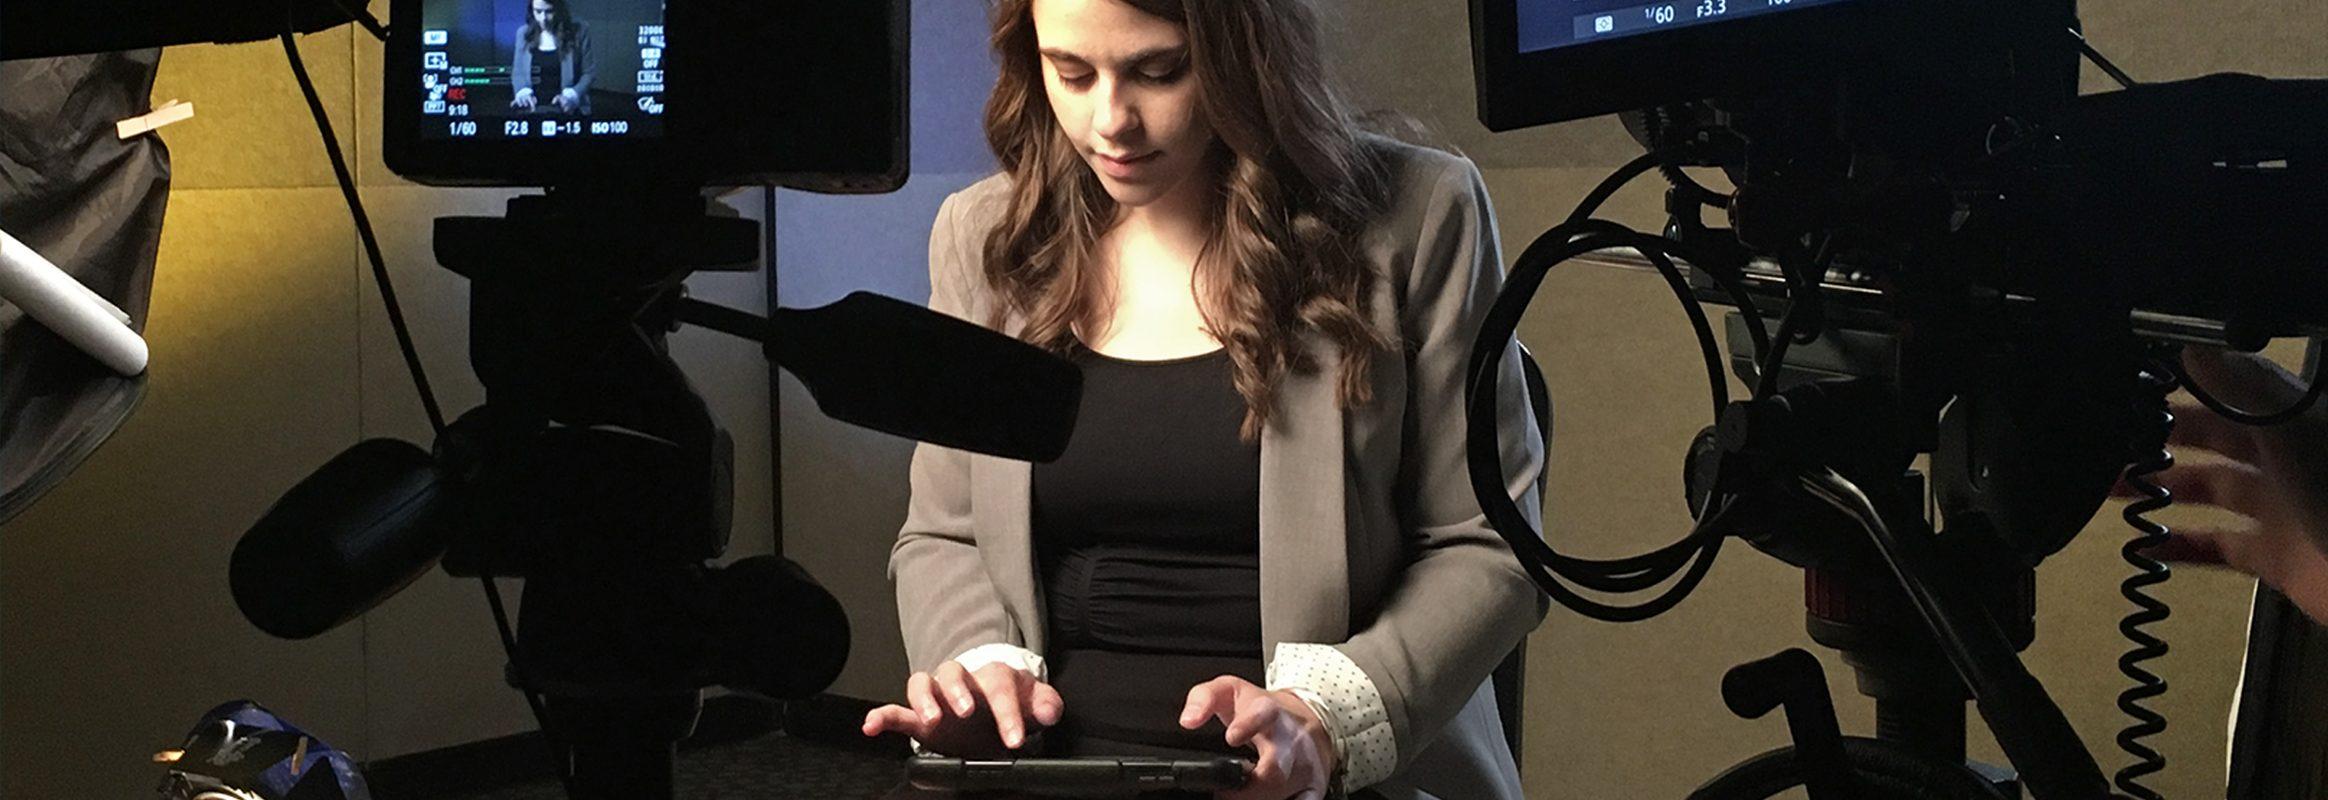 Girl typing on an iPad